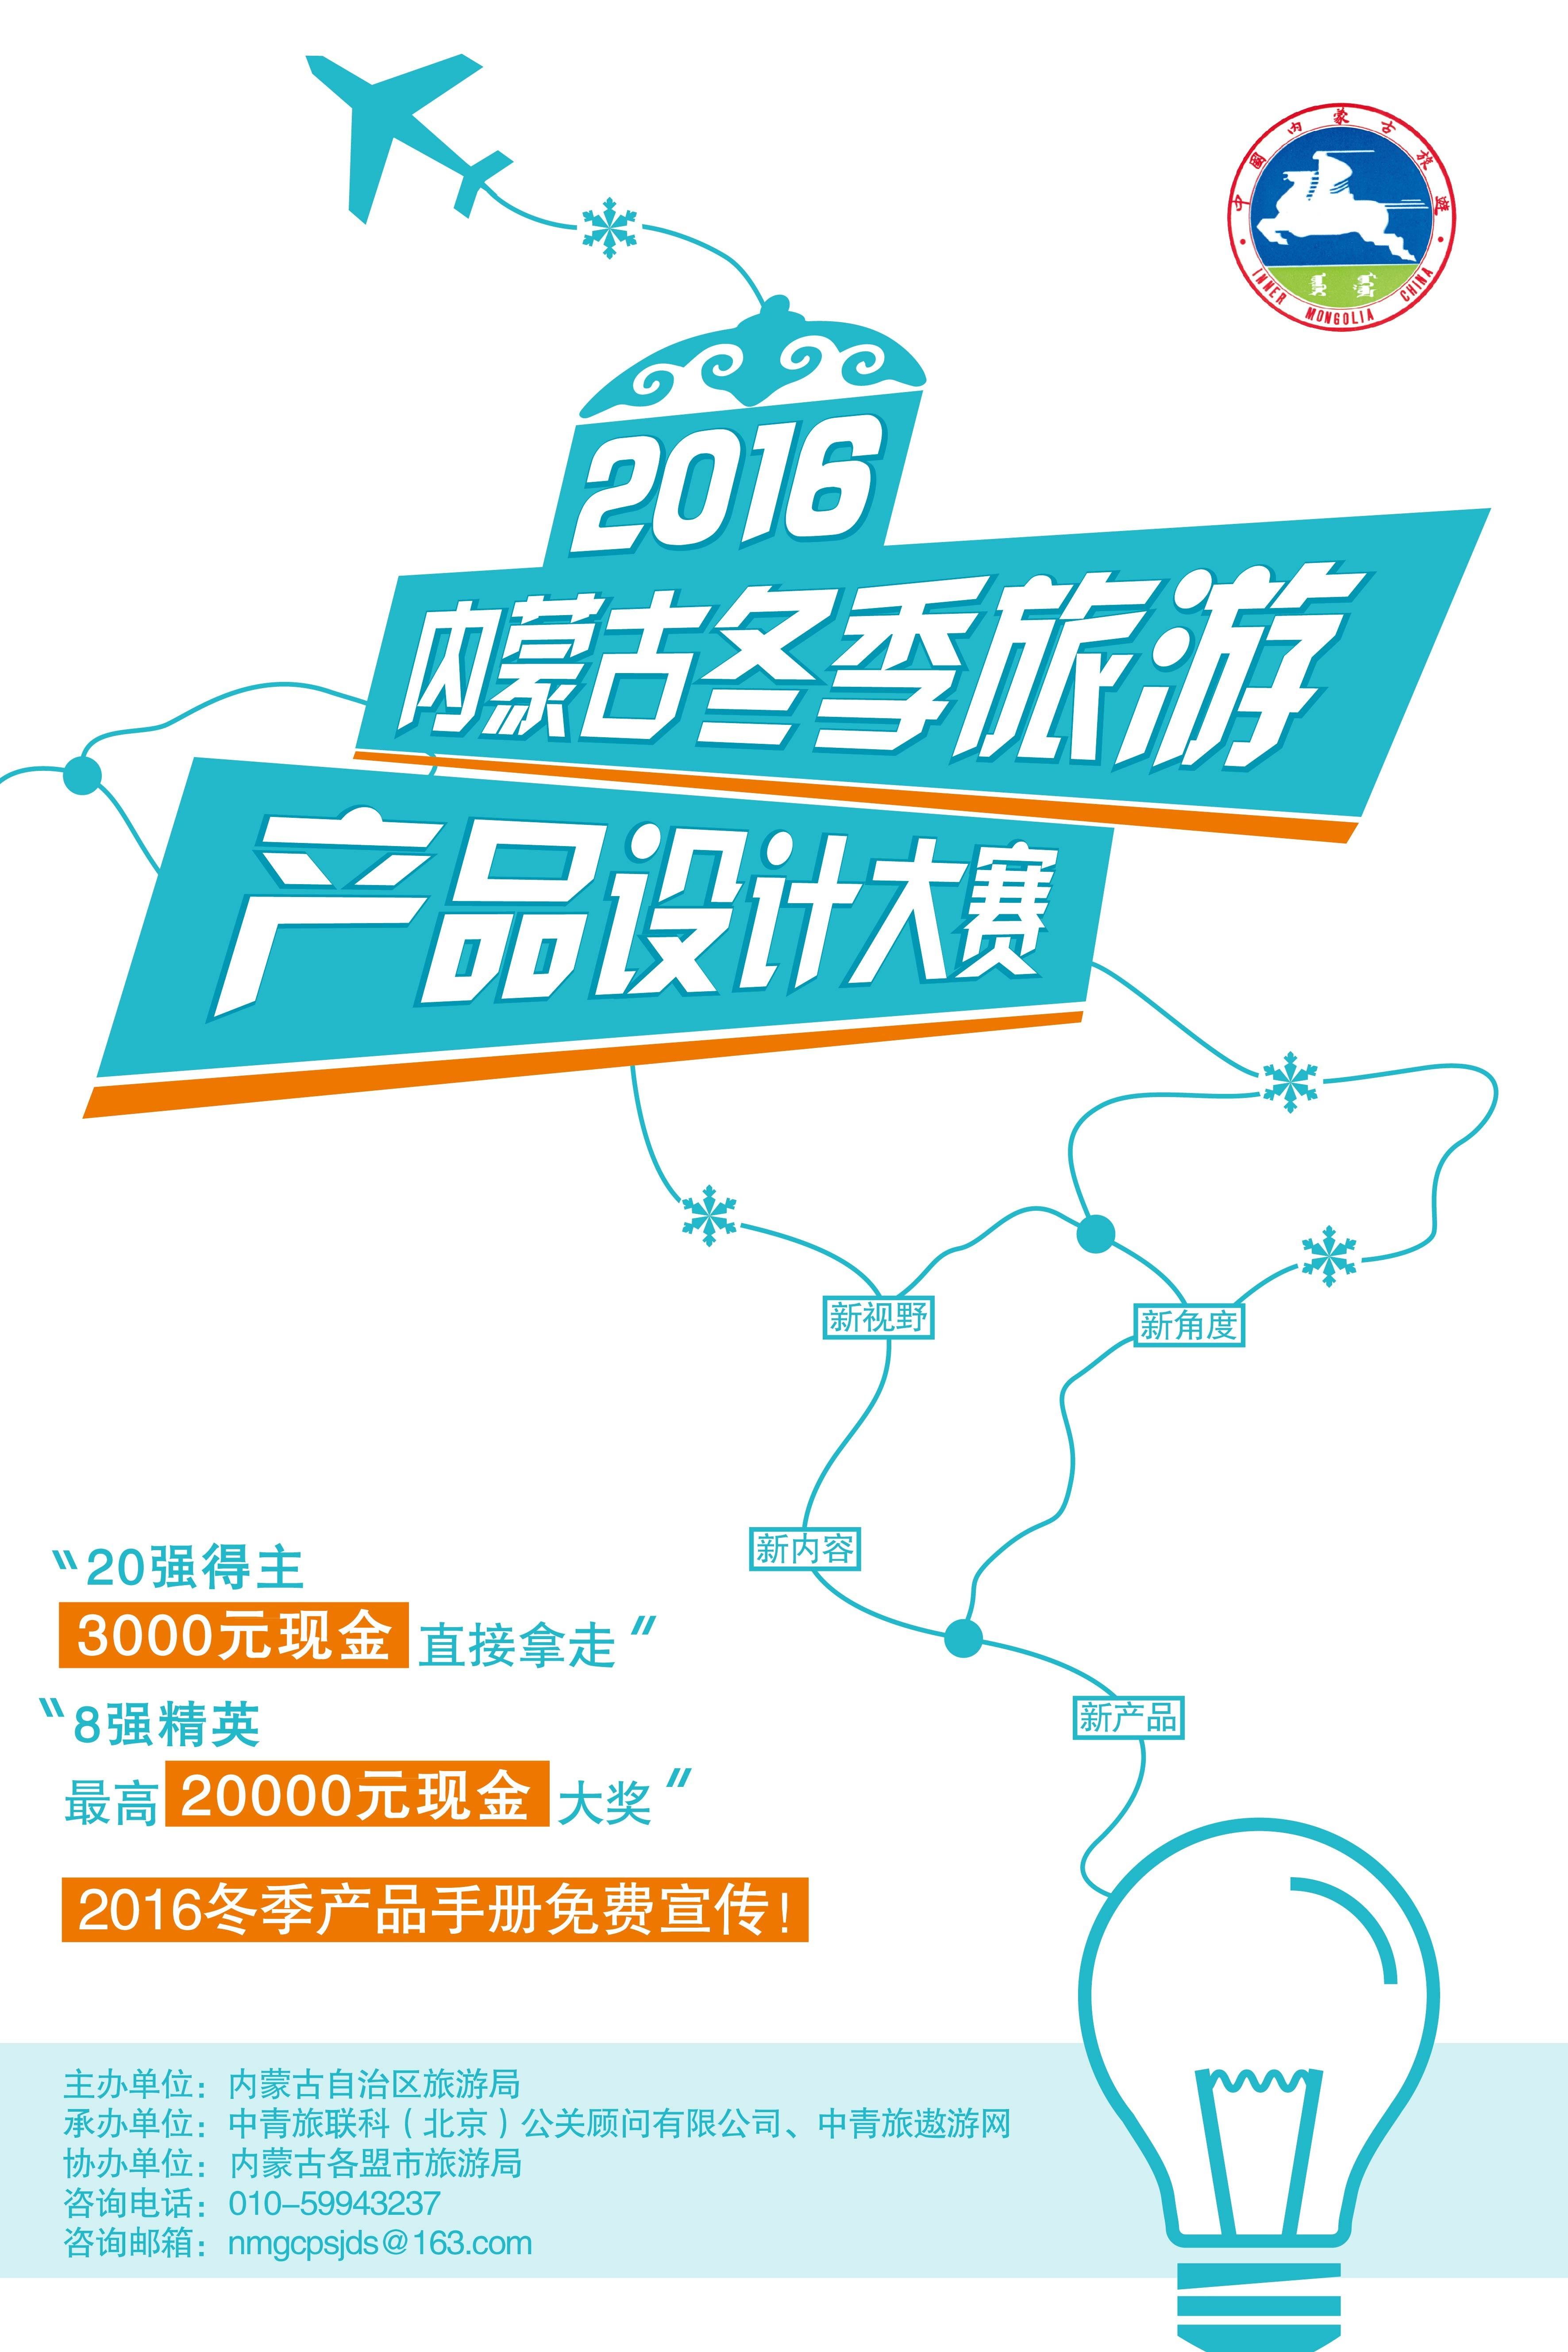 【报名】2016内蒙古冬季旅游产品设计大赛